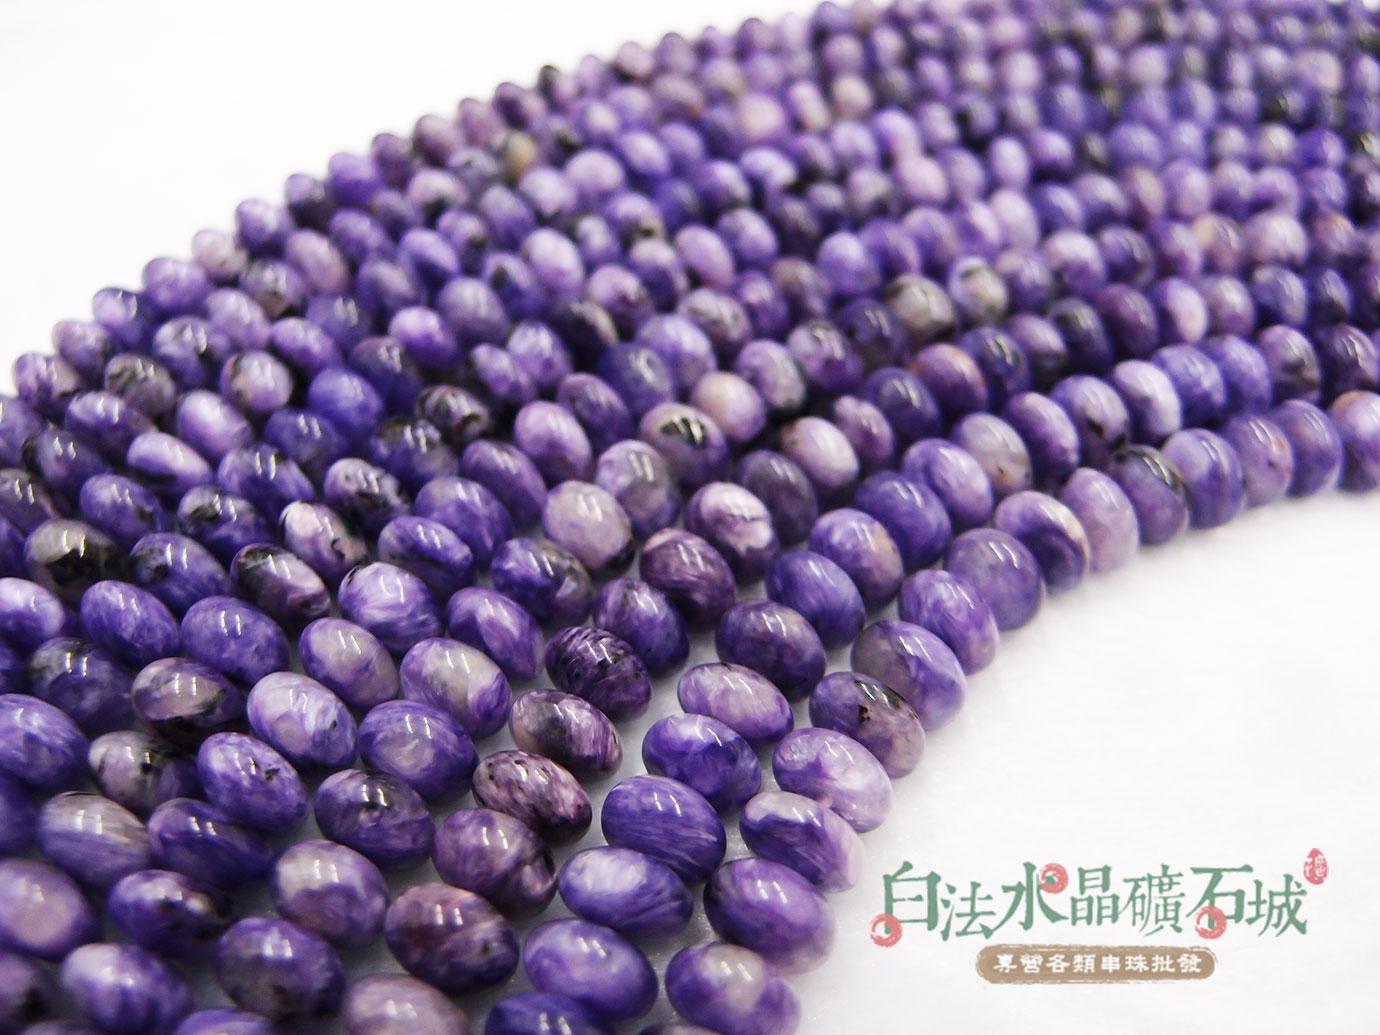 白法水晶礦石城 俄羅斯 天然-紫龍晶 算盤珠 4-5*8mm 串珠/條珠 首飾材料